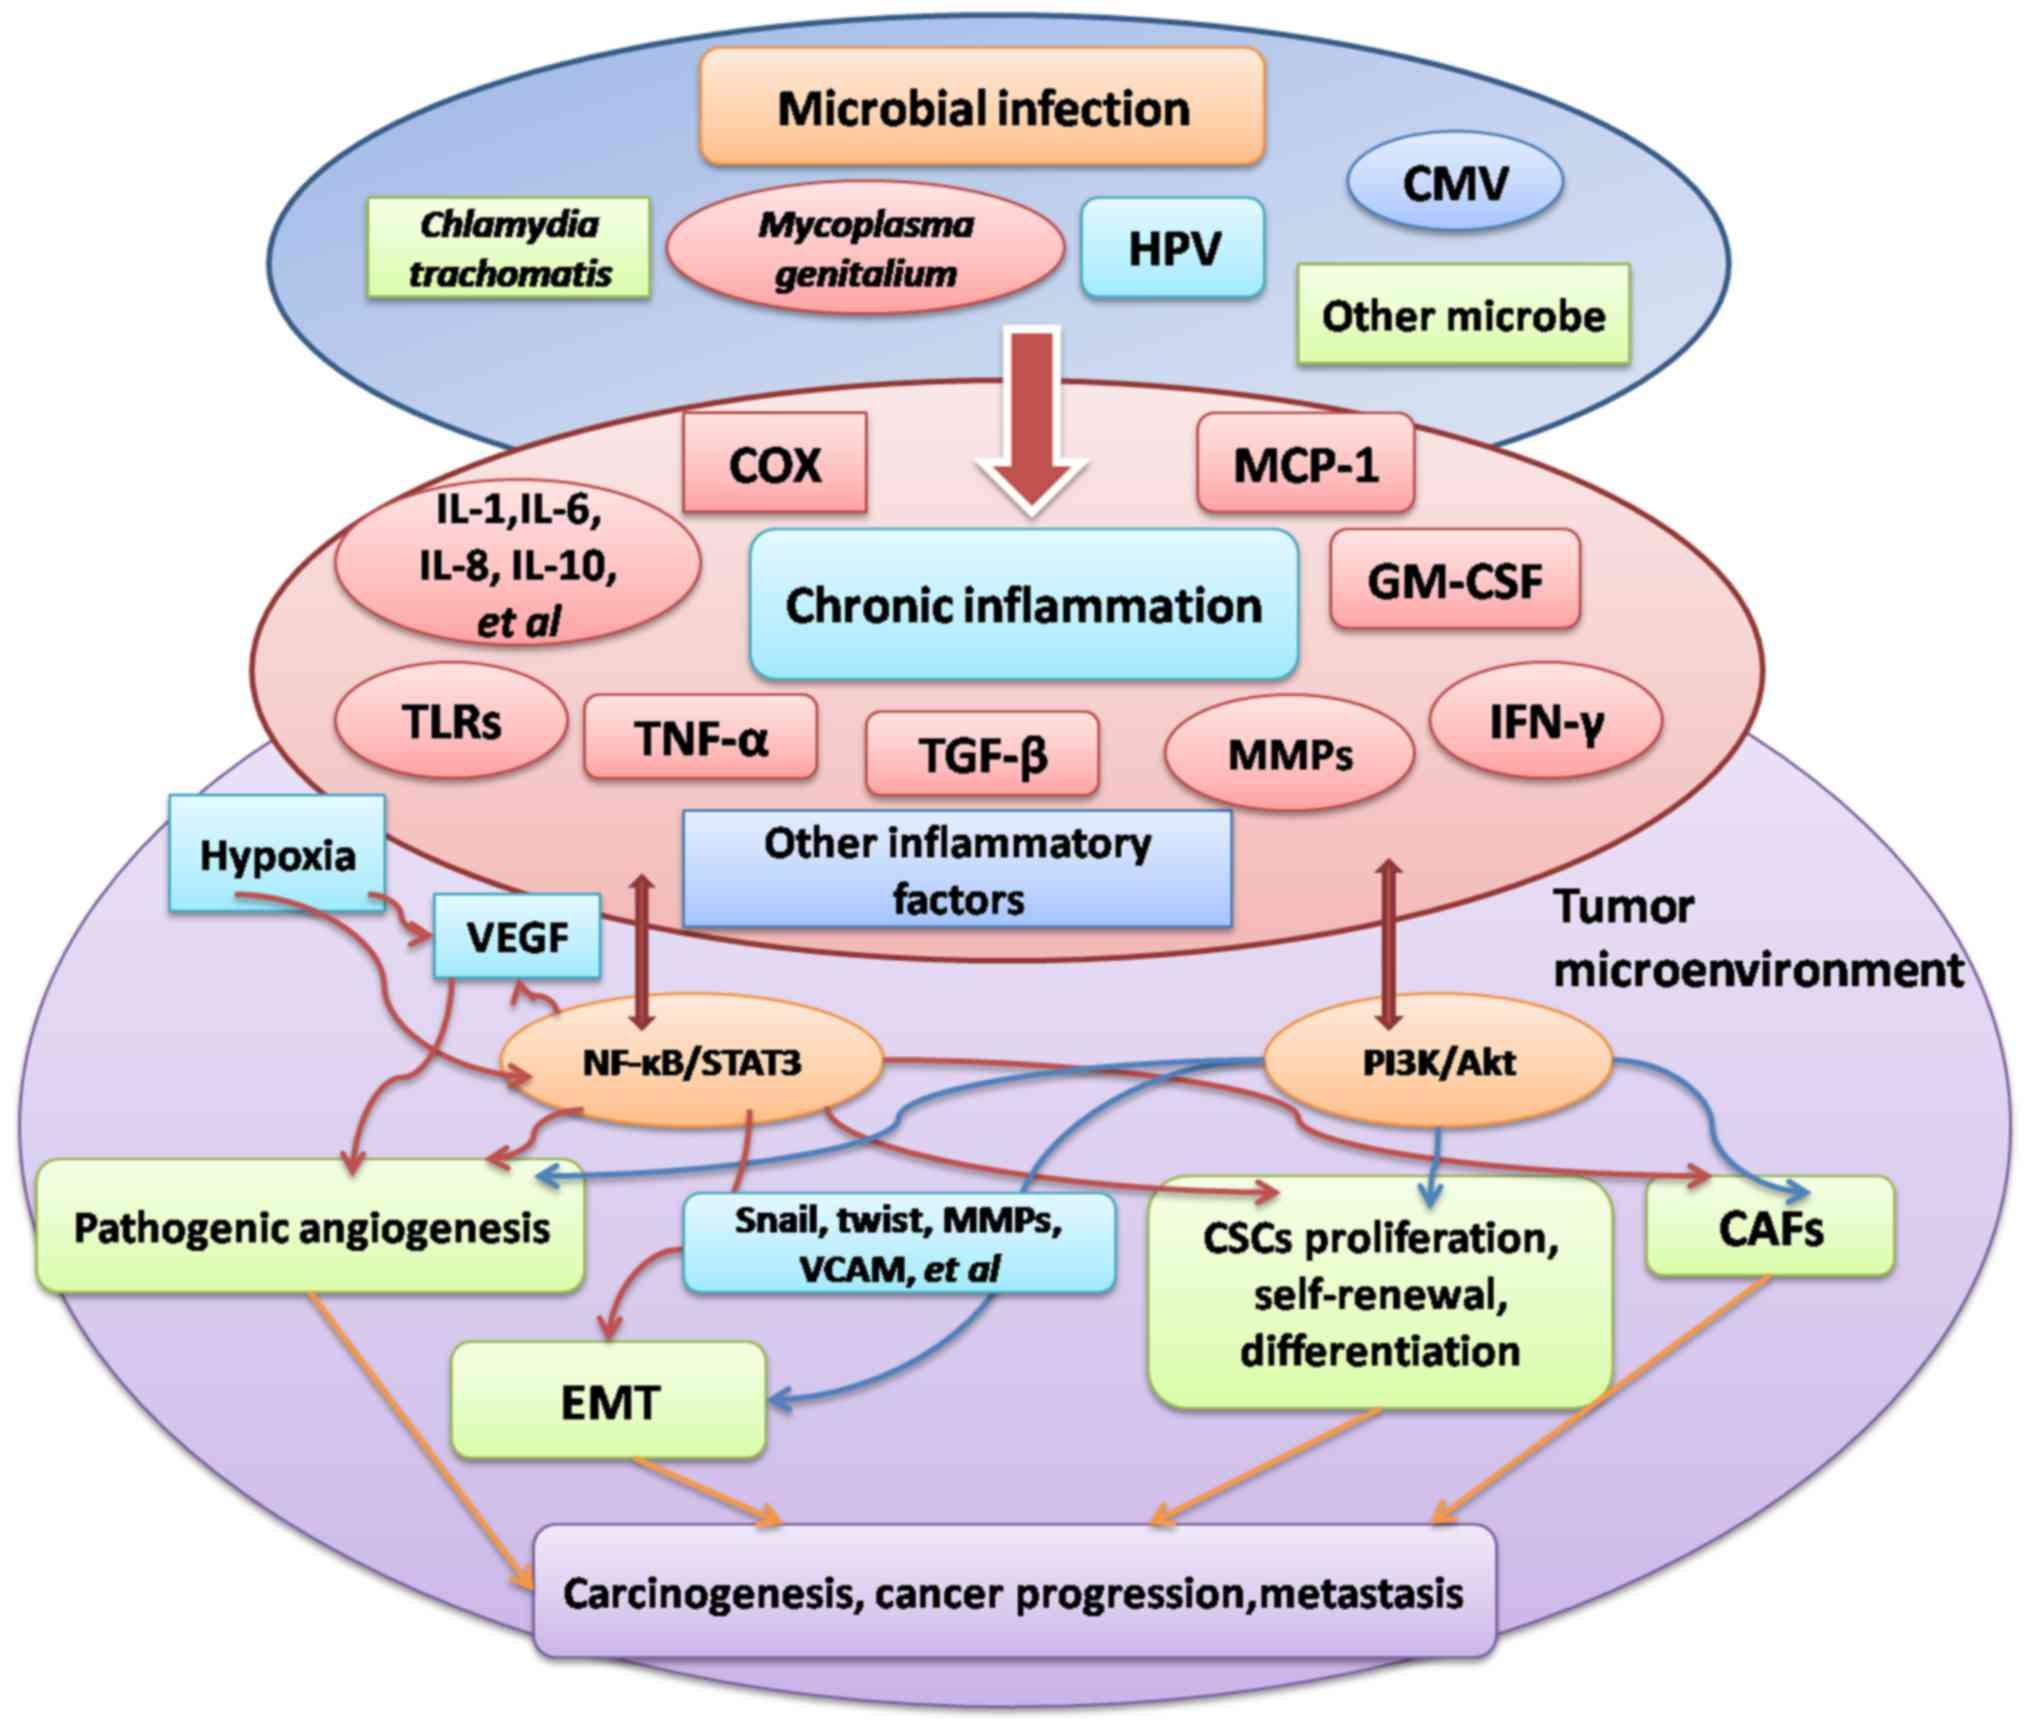 hpv ovarian cancer